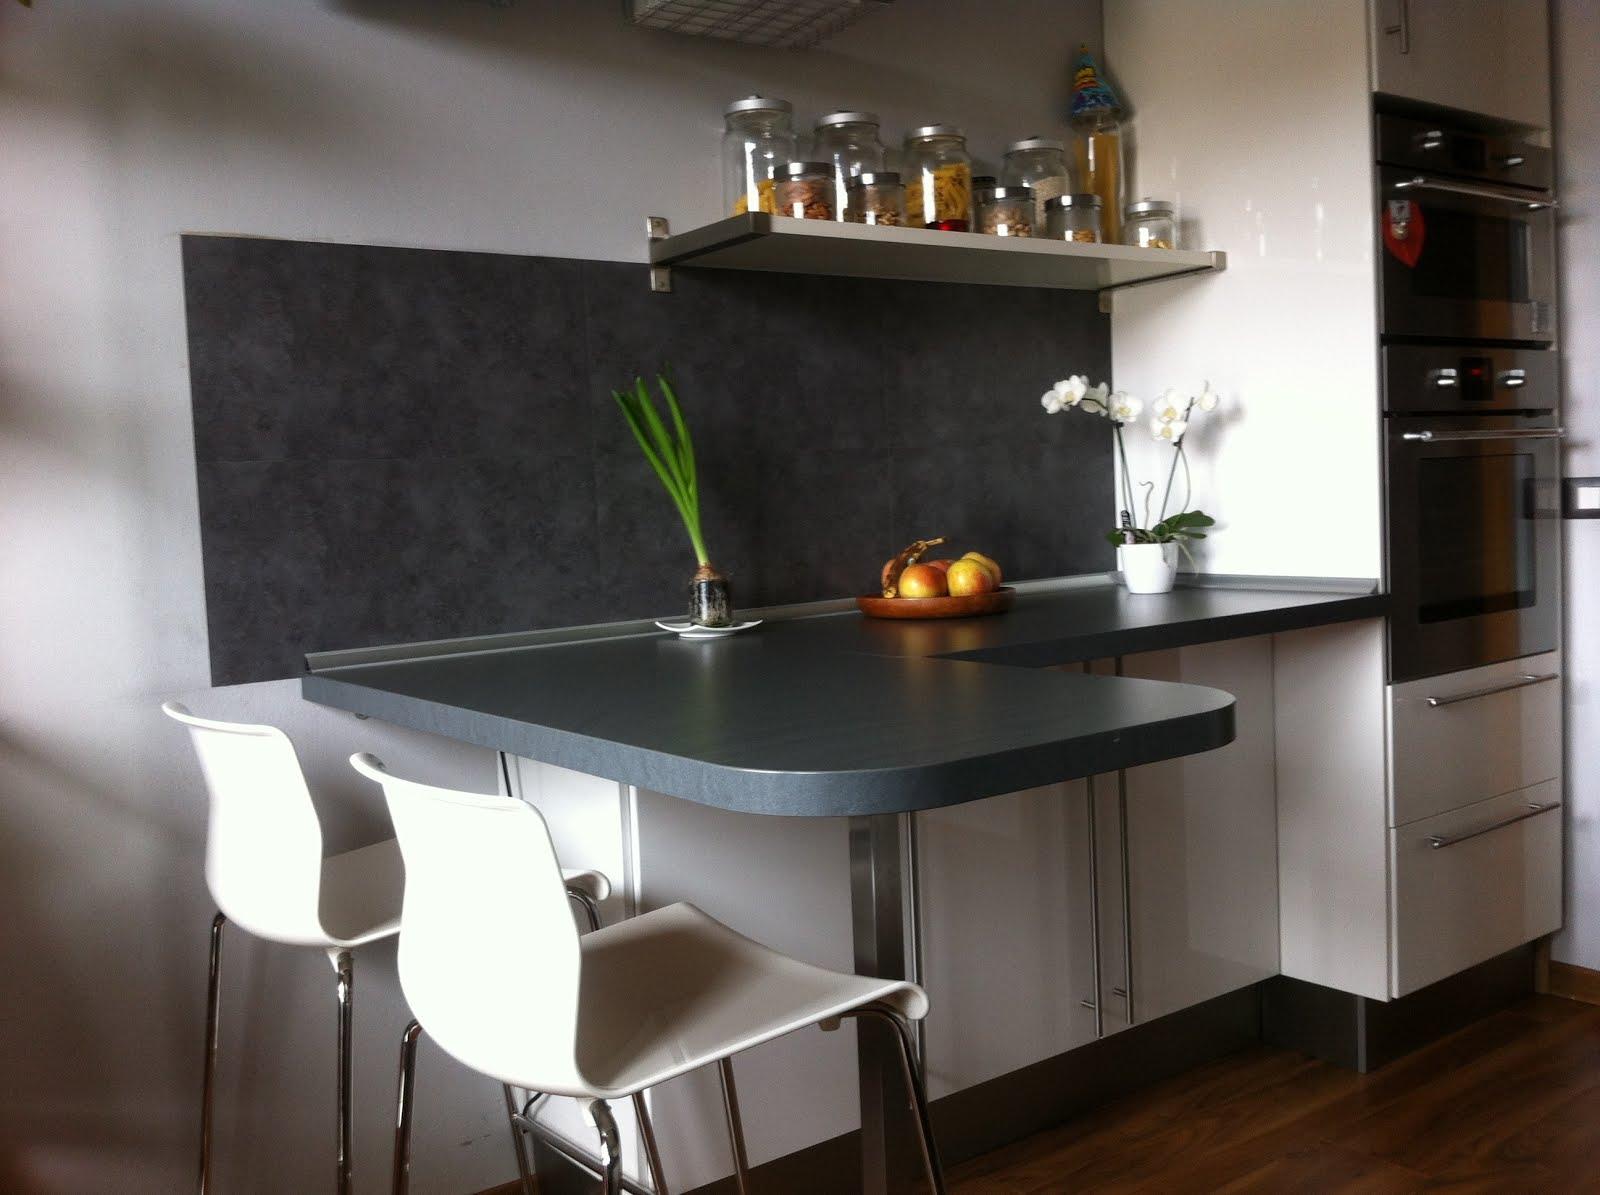 Piastrelle in pvc in cucina